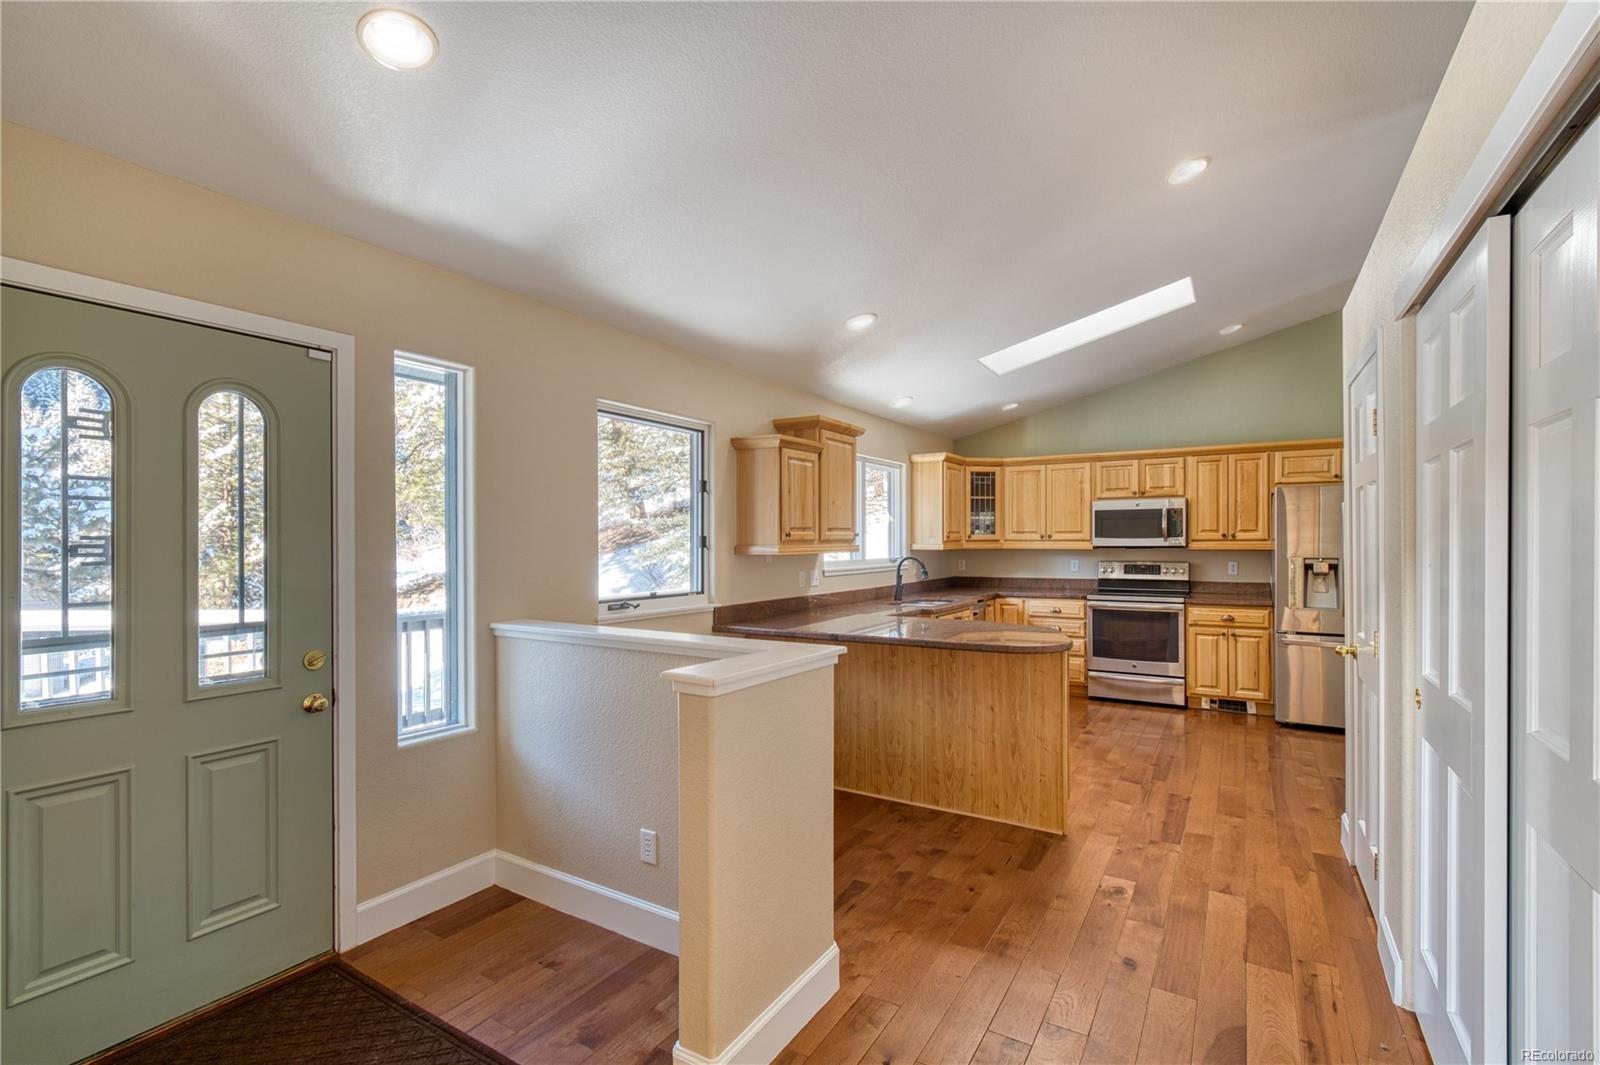 MLS# 8807220 - 5 - 89 Upper Elk Valley Drive, Evergreen, CO 80439